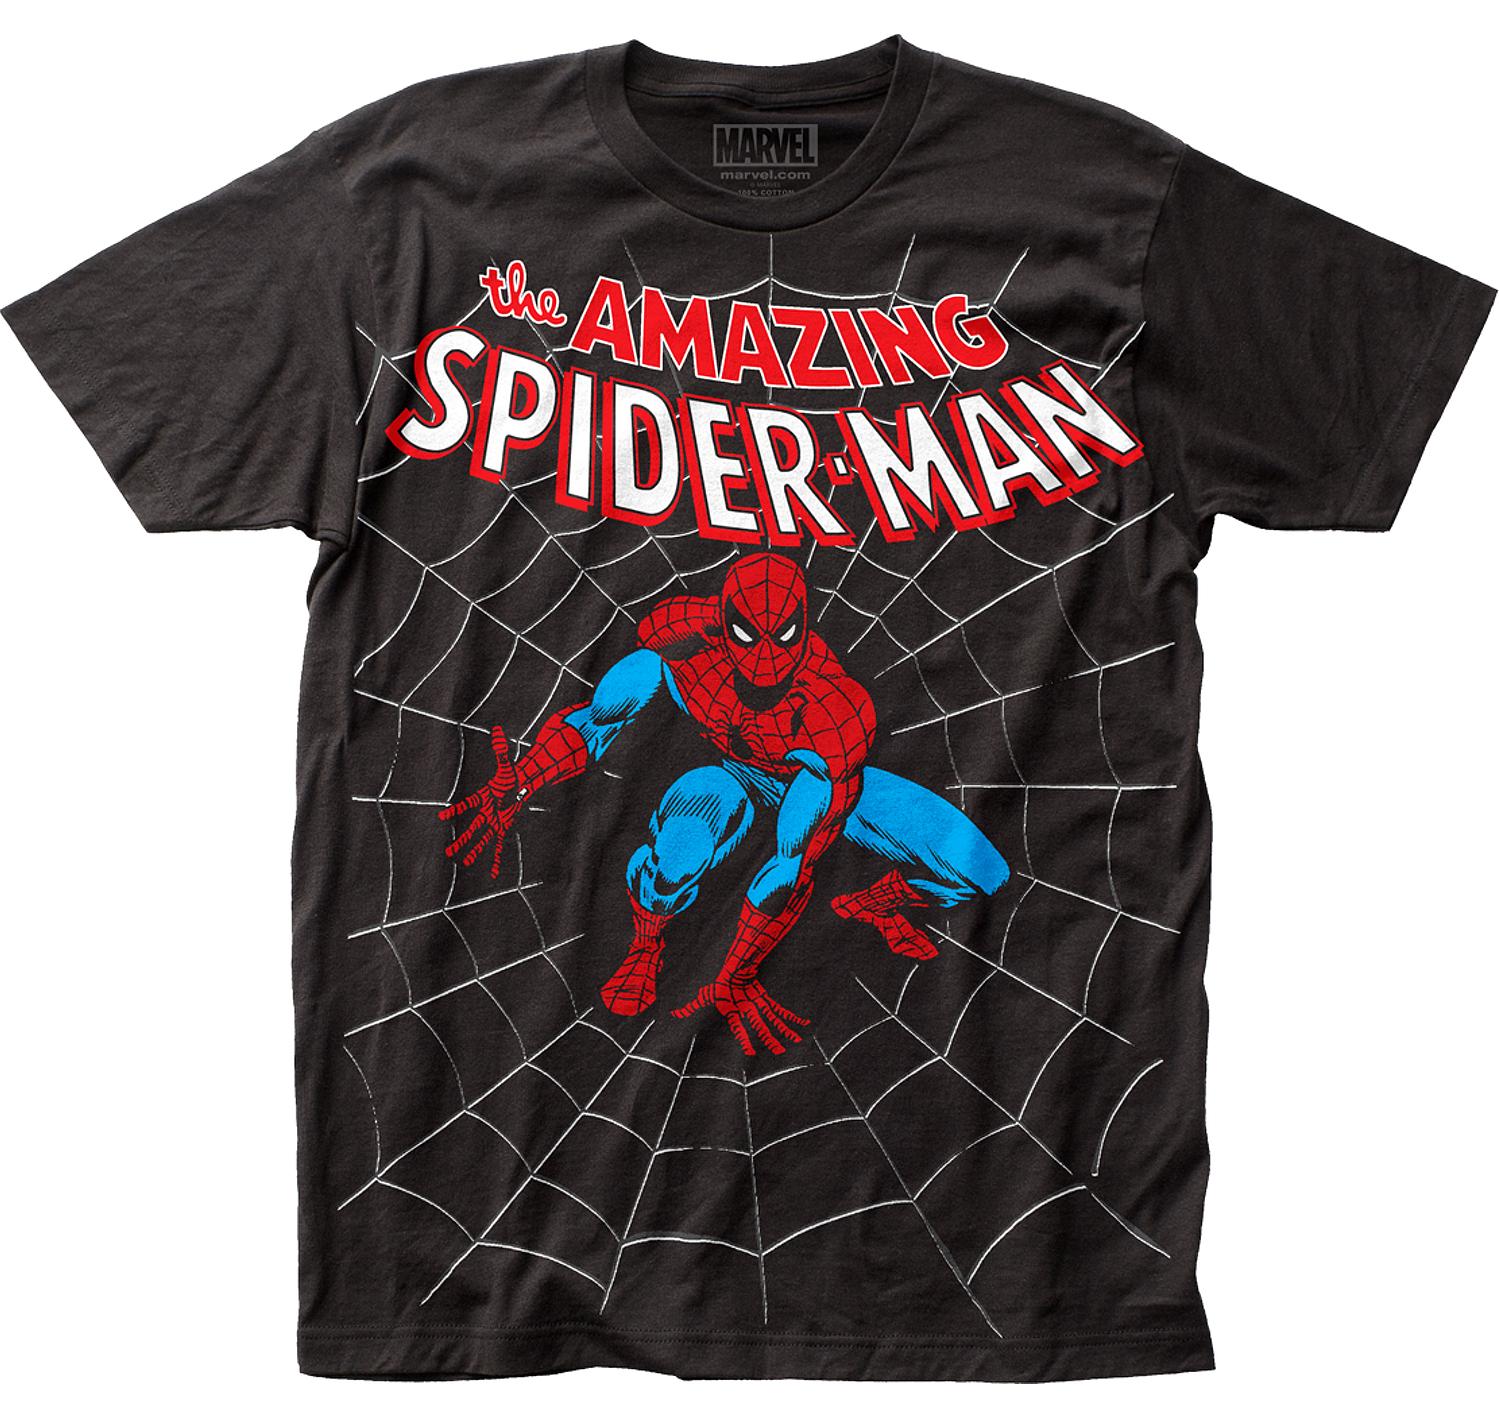 Air Jordan 1 Origin Story Spiderman